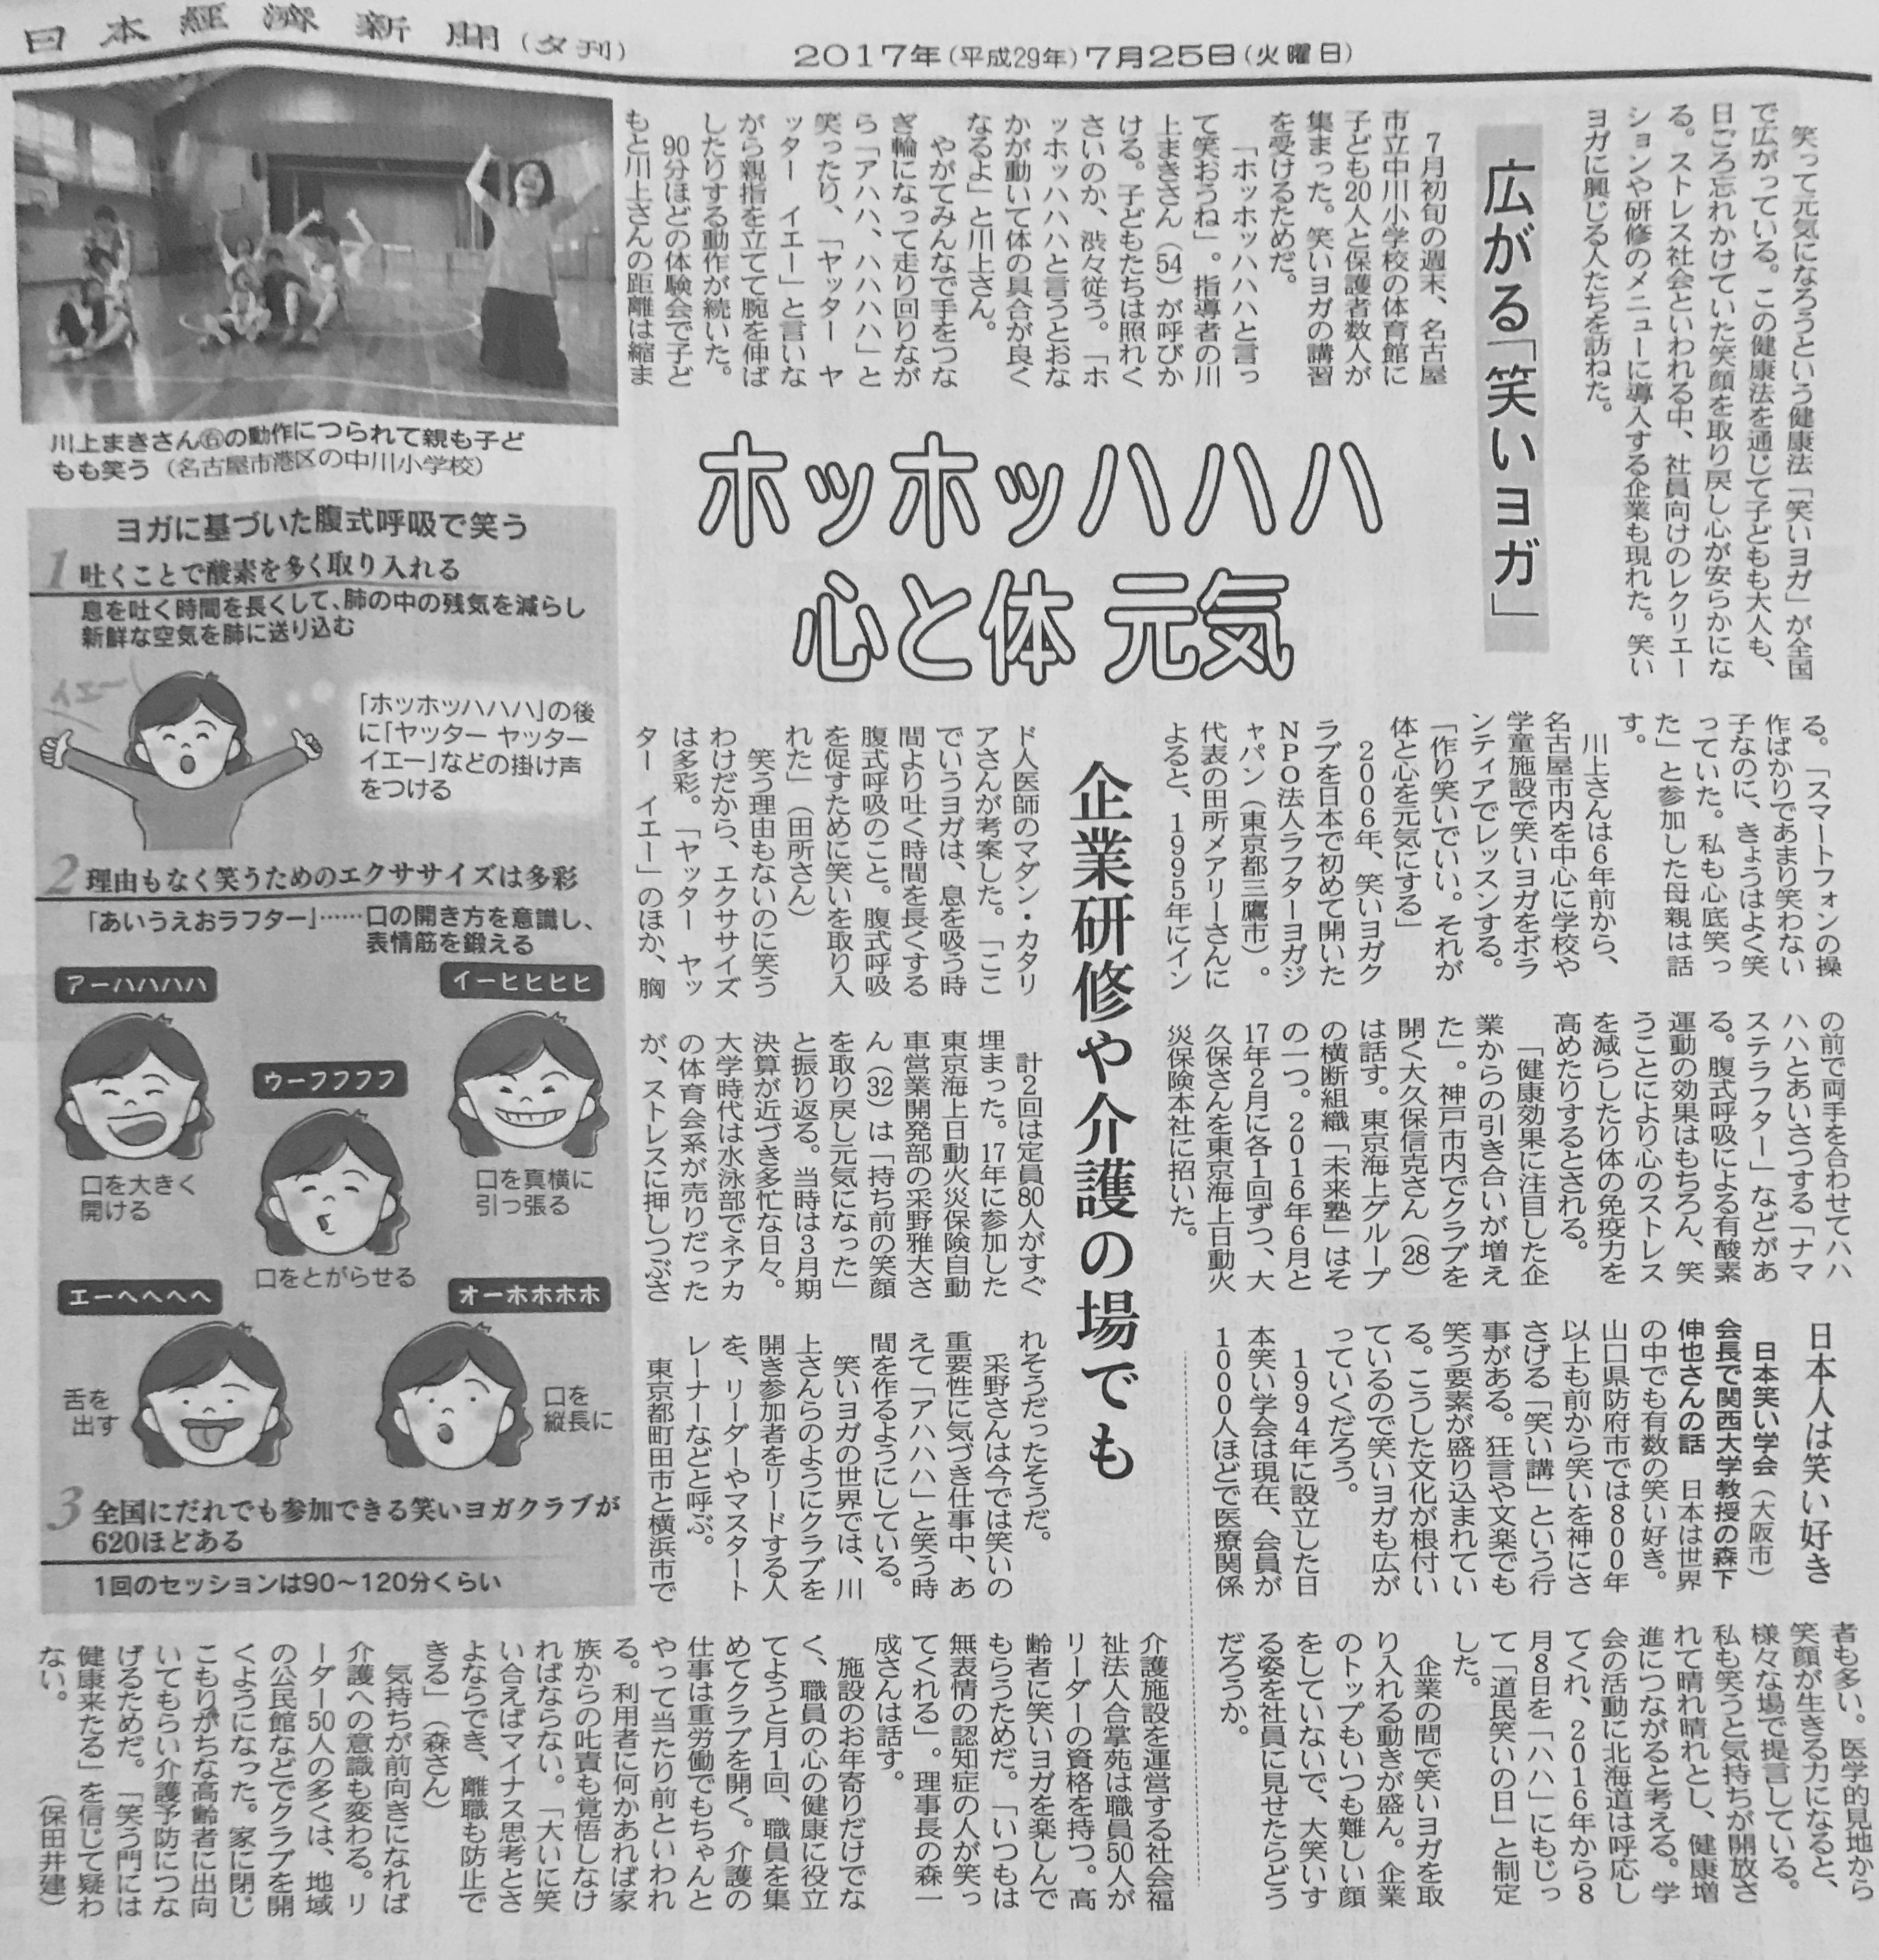 昨日の日経新聞に掲載されました。「企業研修や介護の場でも笑いヨガ」